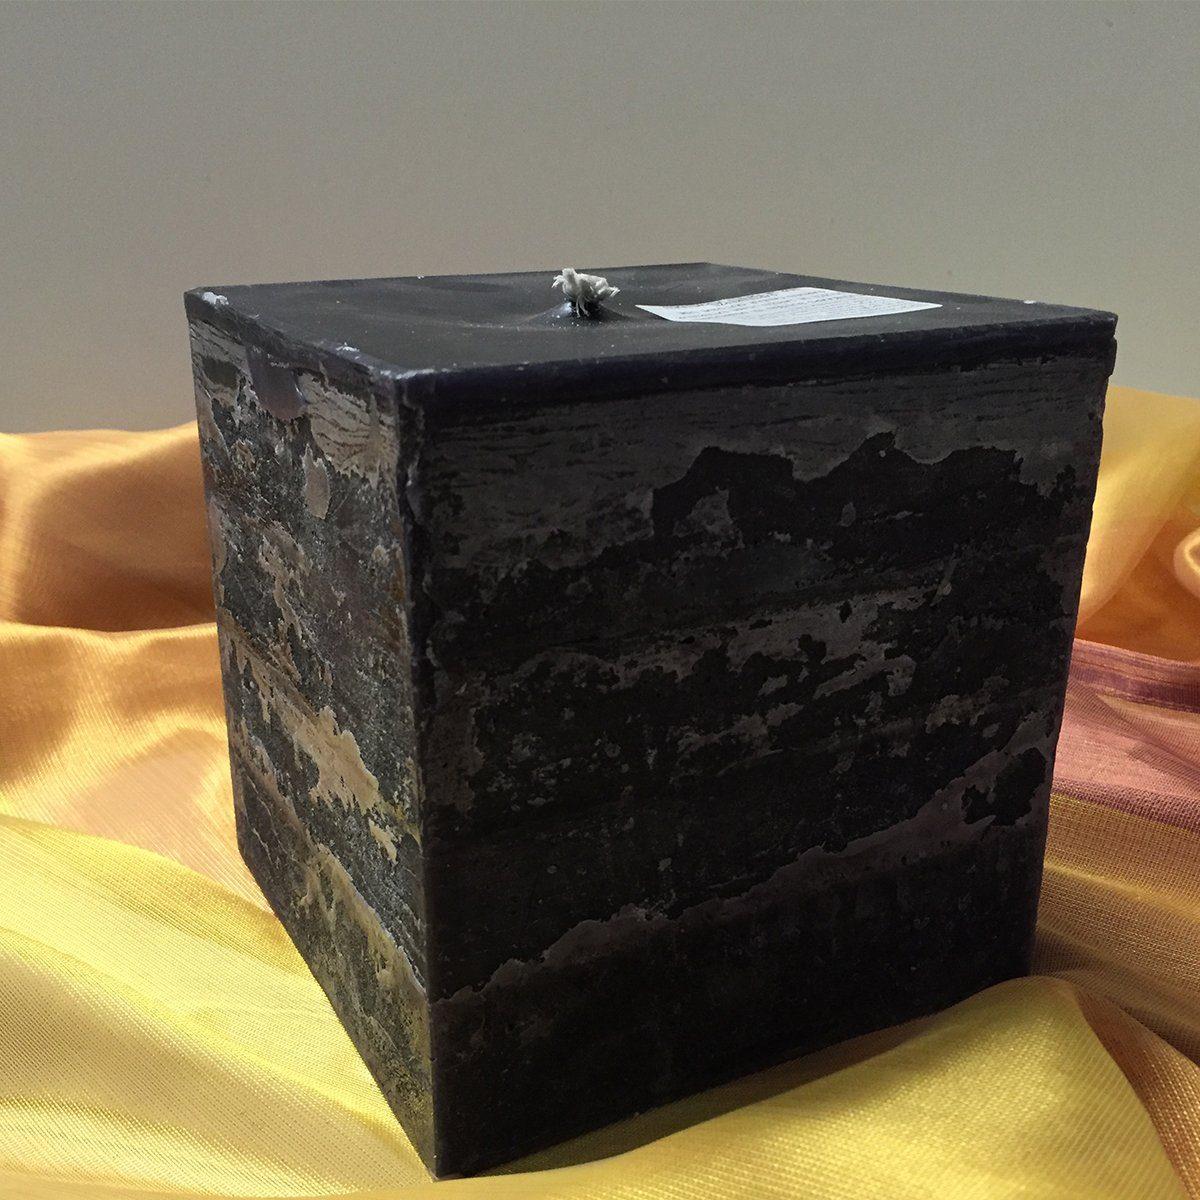 Moonlights Moonlights Jumbo-Kerze 15x15x15cm schwarz 1 Docht